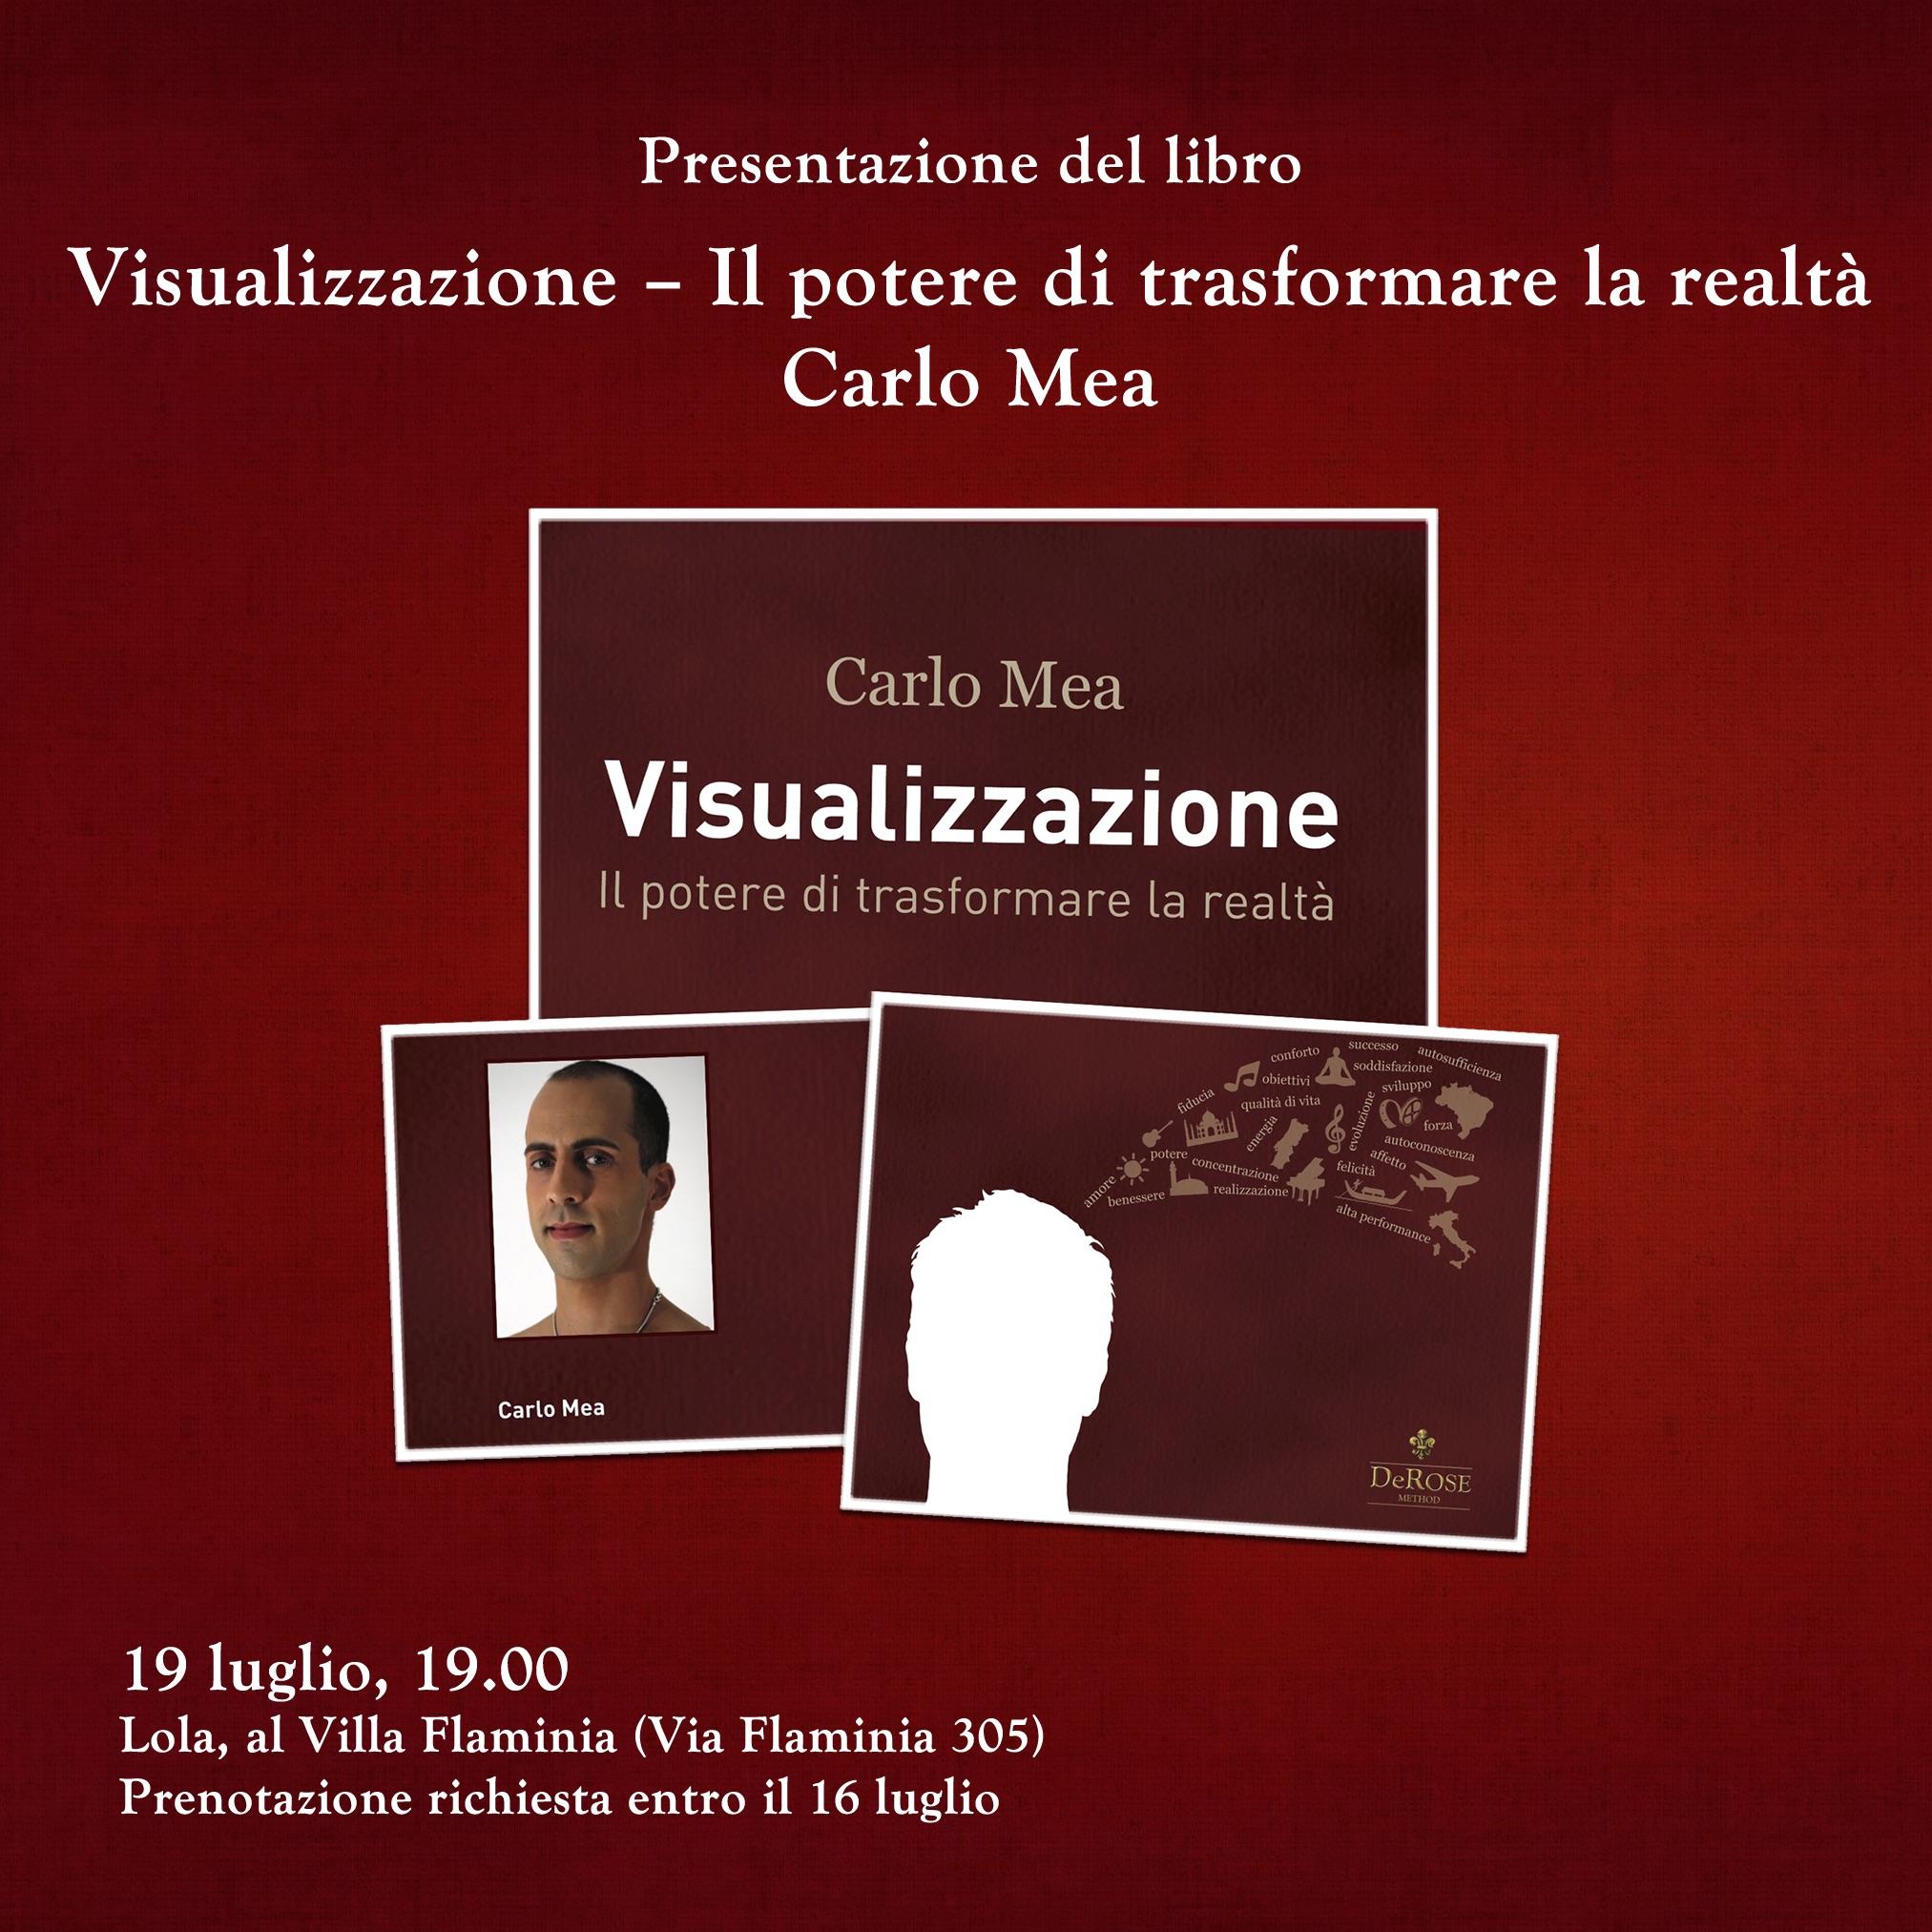 Presentazione del libro Visualizzazione - Il potere di trasformare la realtà - Carlo Mea